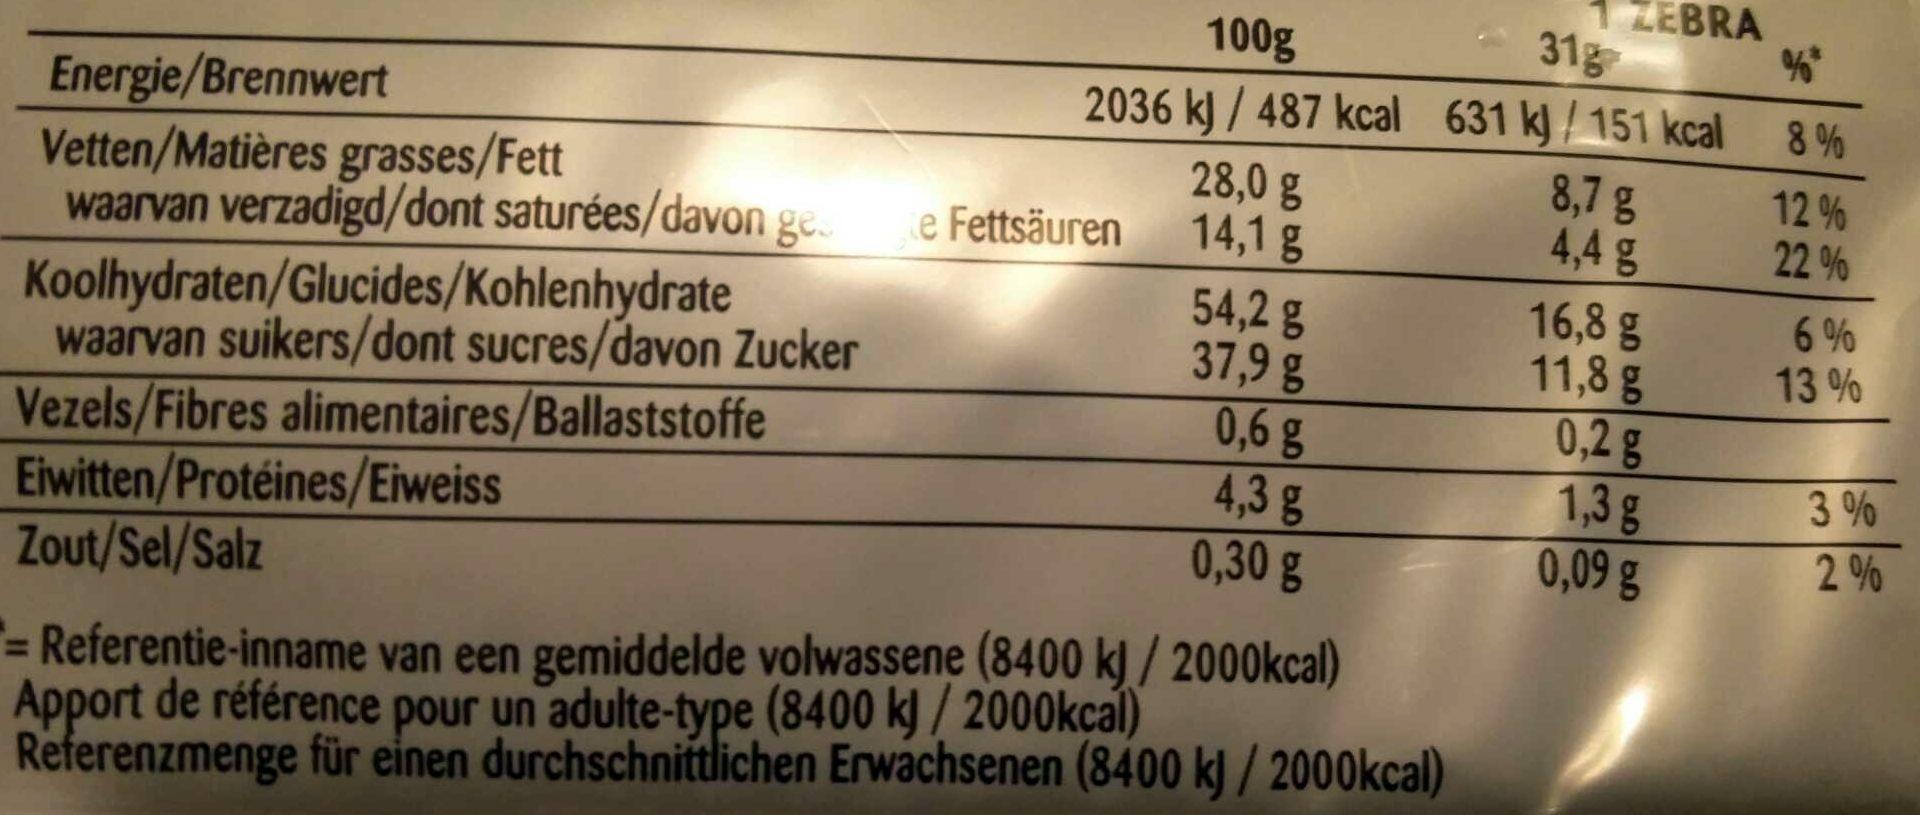 Zebra original - Nutrition facts - fr